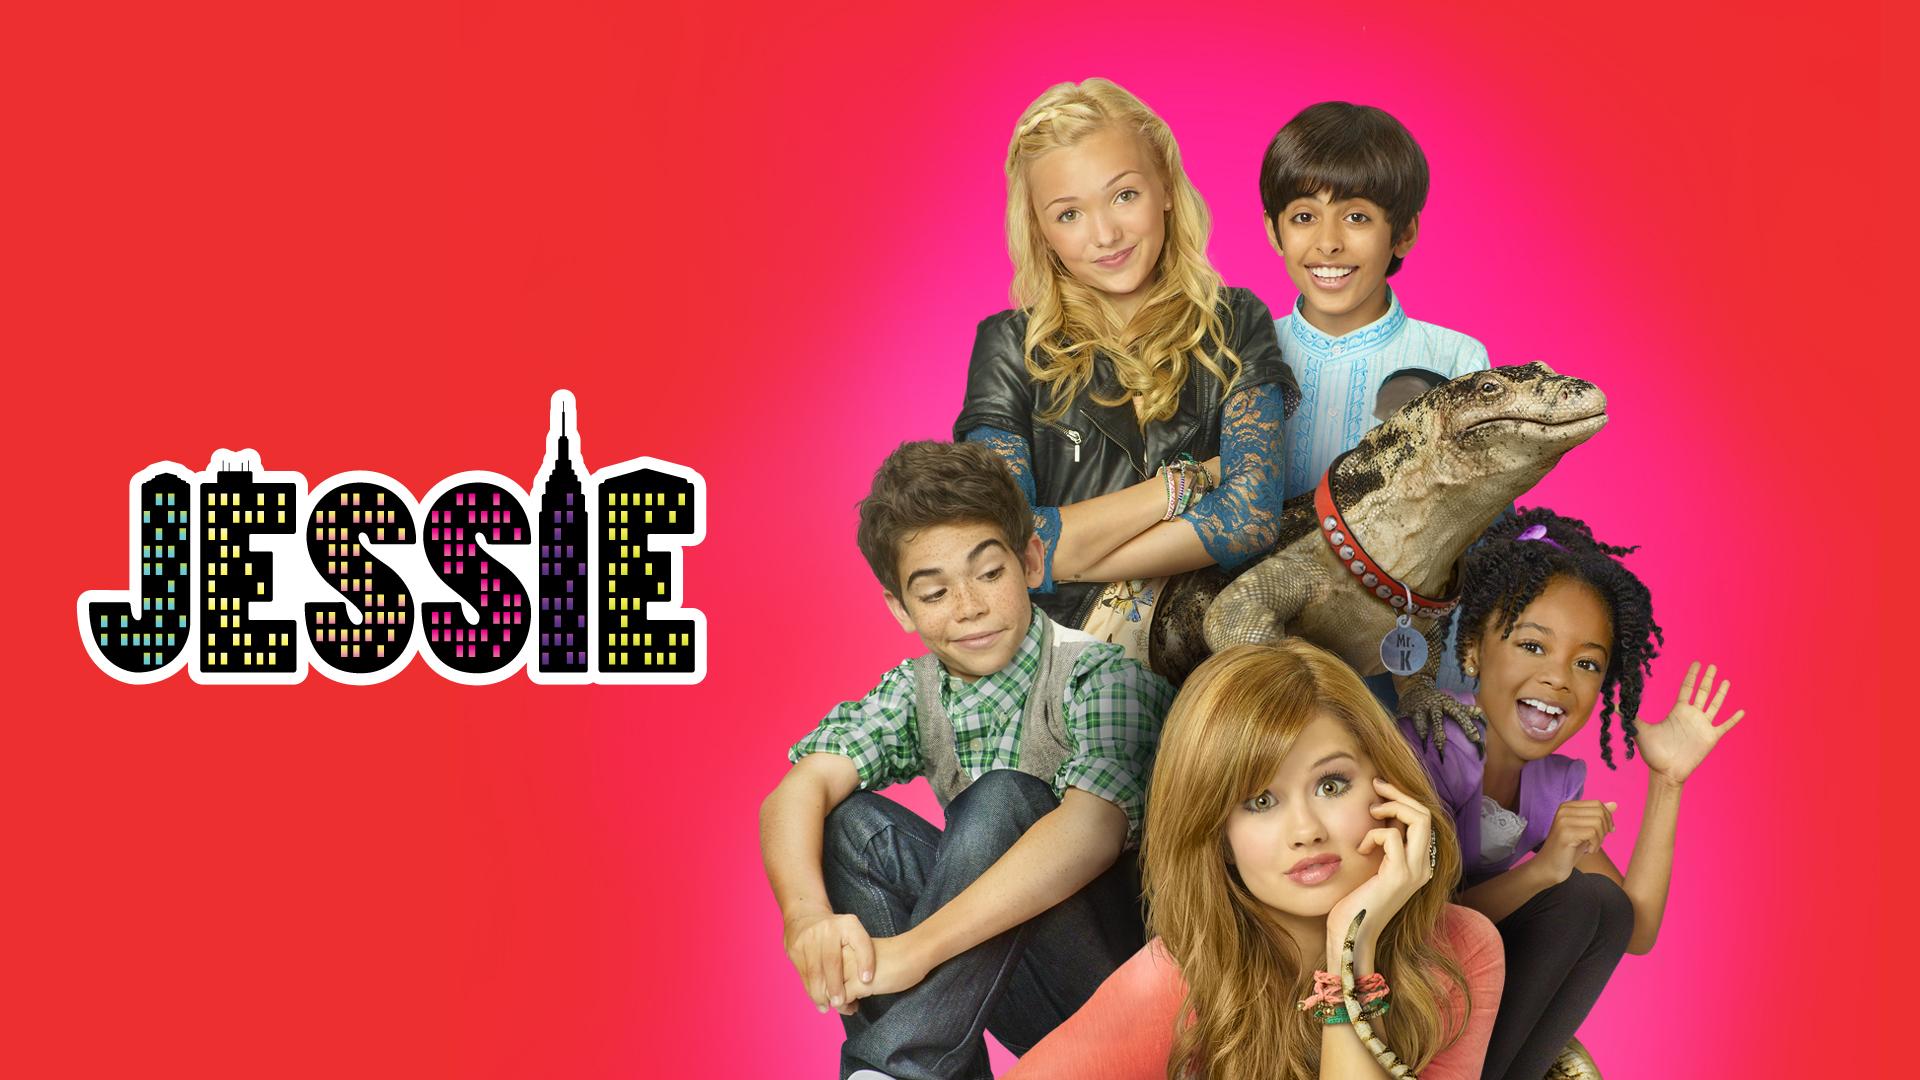 Jessie Disney Channel Logo Logo jessie 1920x1080